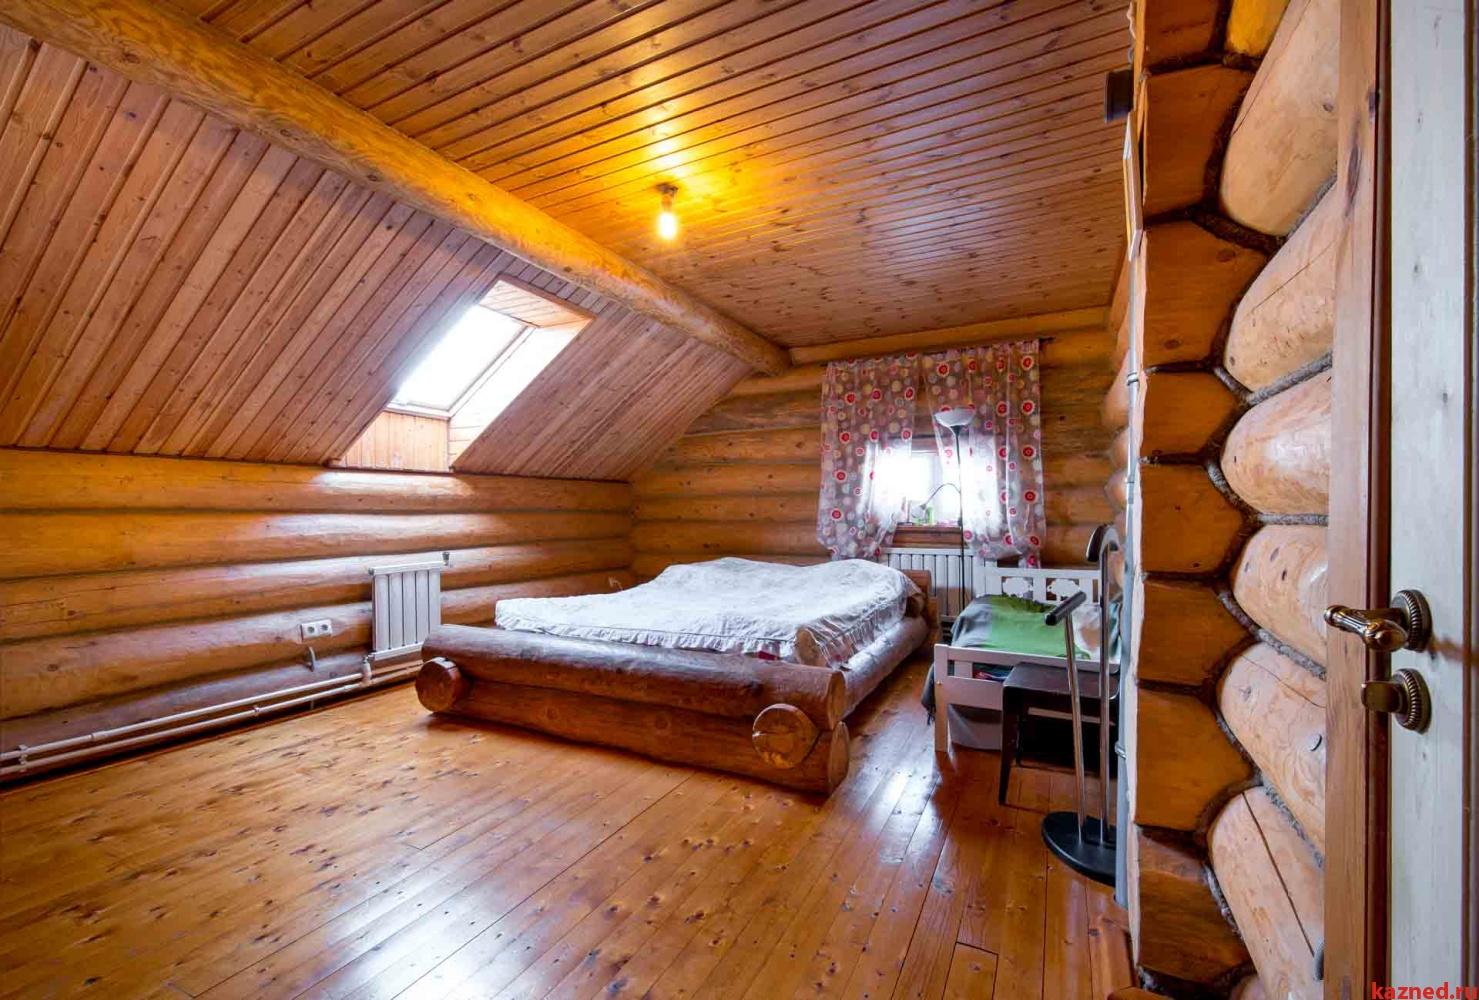 Продажа  Дома Зеленая д.13 пос. Новая Сосновка, 187 м2  (миниатюра №8)